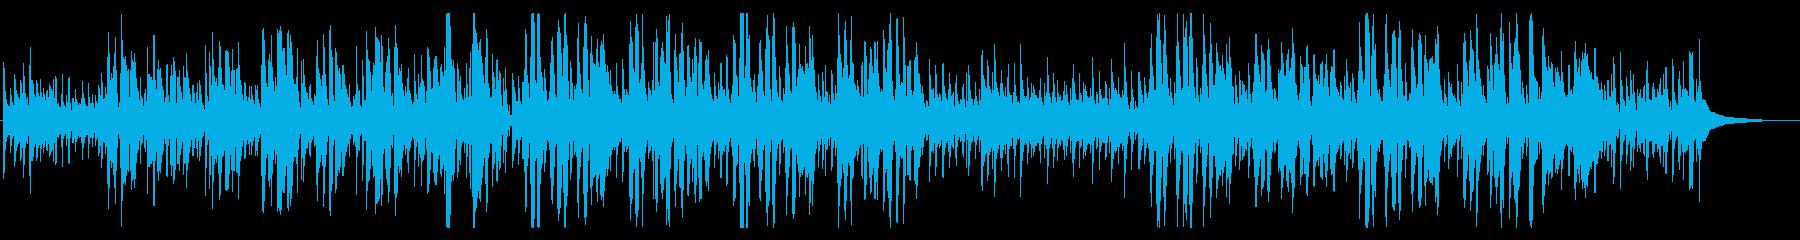 リラックスできるゆったりしたジングルベルの再生済みの波形